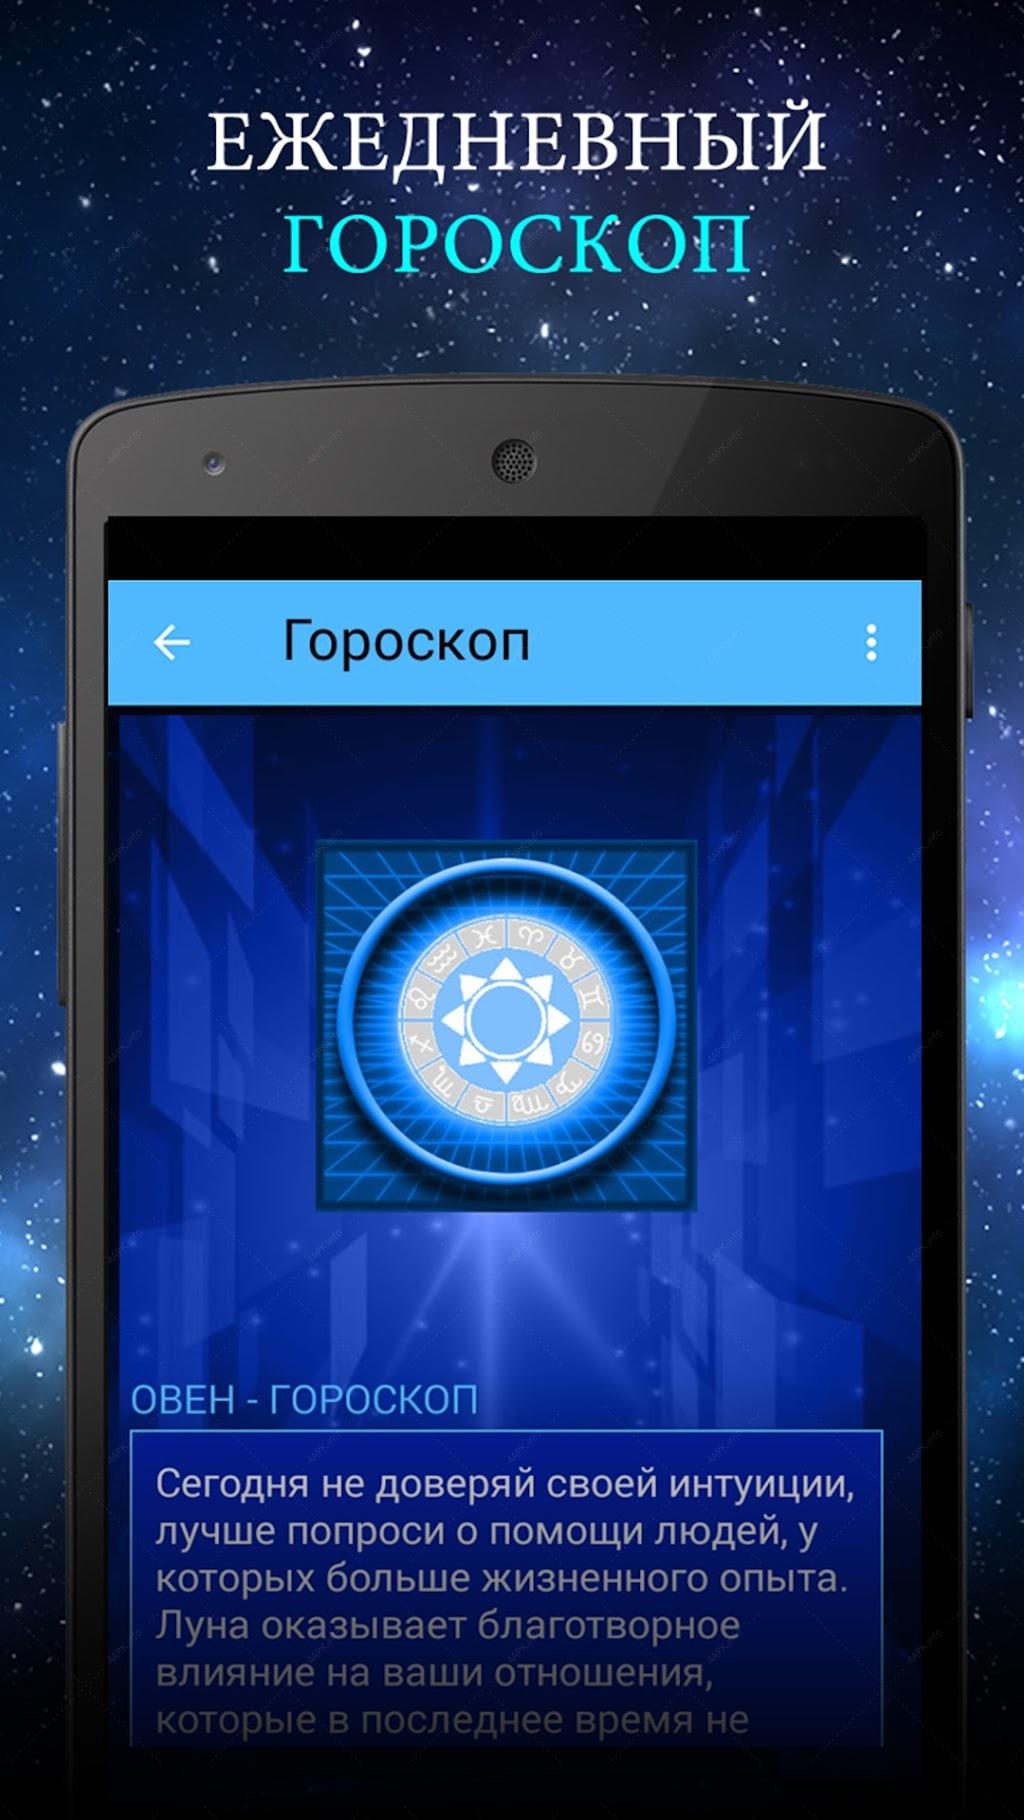 Скачать приложение гороскоп для андроид бесплатно скачать программе powerpoint 2007